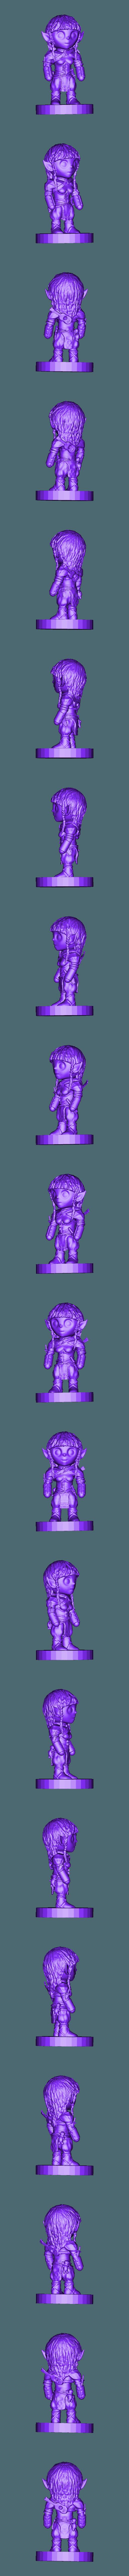 IreneGnomeobj.obj Télécharger fichier OBJ gratuit moine gnome • Objet imprimable en 3D, kphillsculpting